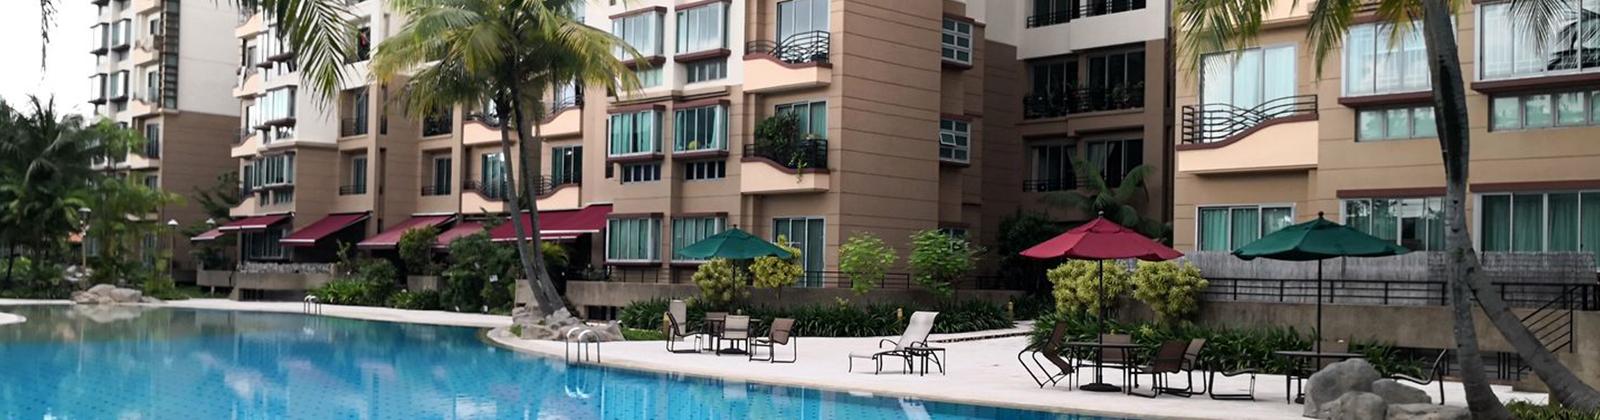 Sunhaven Condo – For Rent